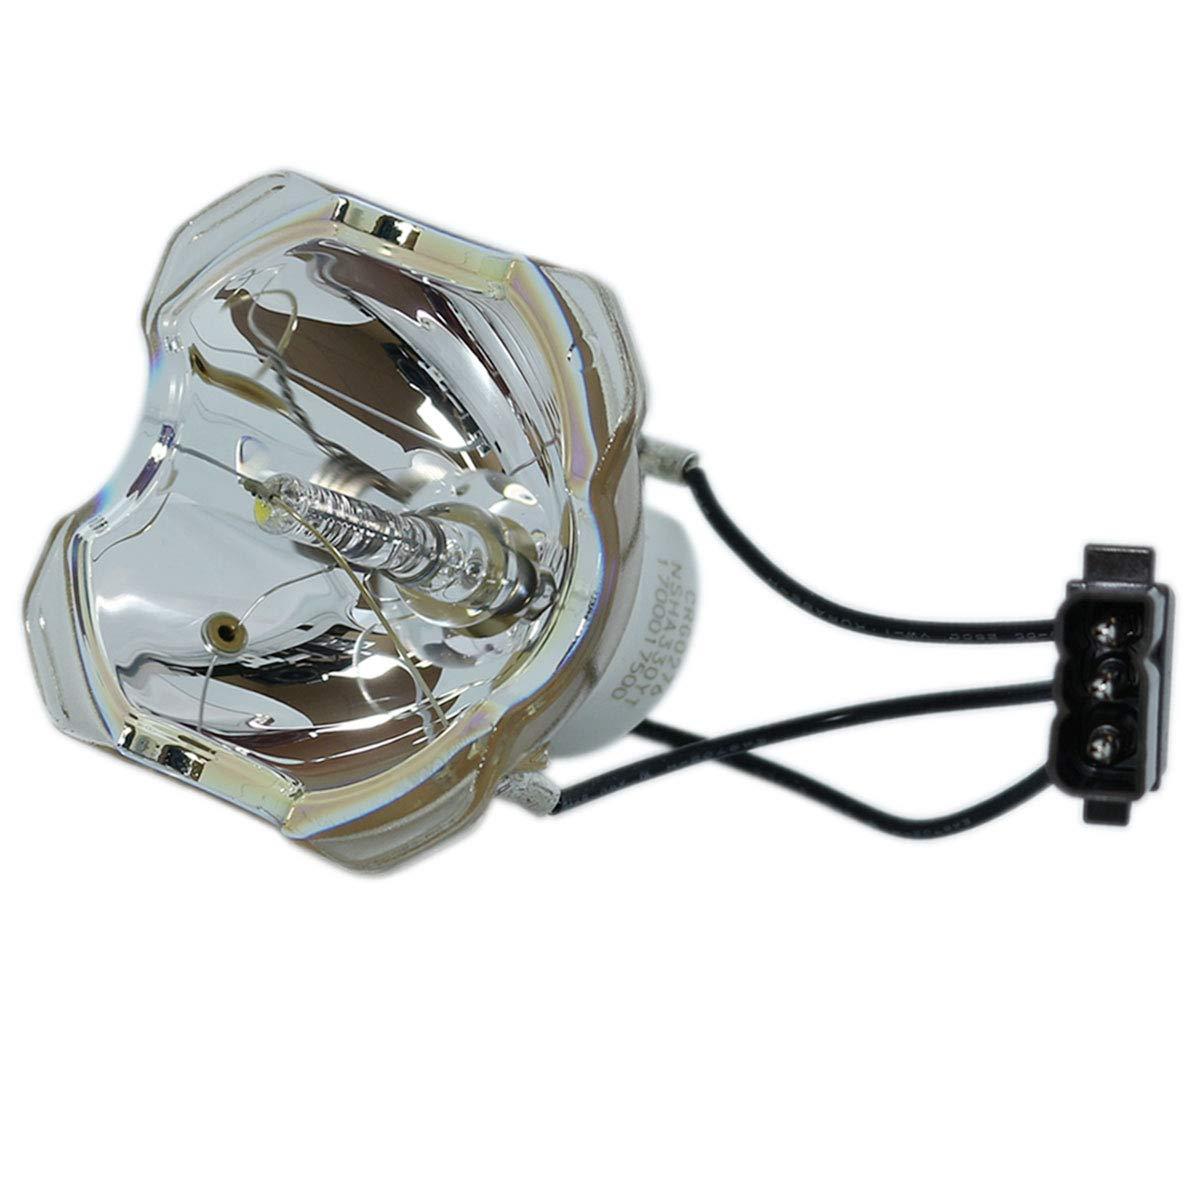 オリジナルUshioプロジェクター交換用ランプ Christie LX605用 Platinum (Brighter/Durable) Platinum (Brighter/Durable) Lamp Only B07L2B4D4Z